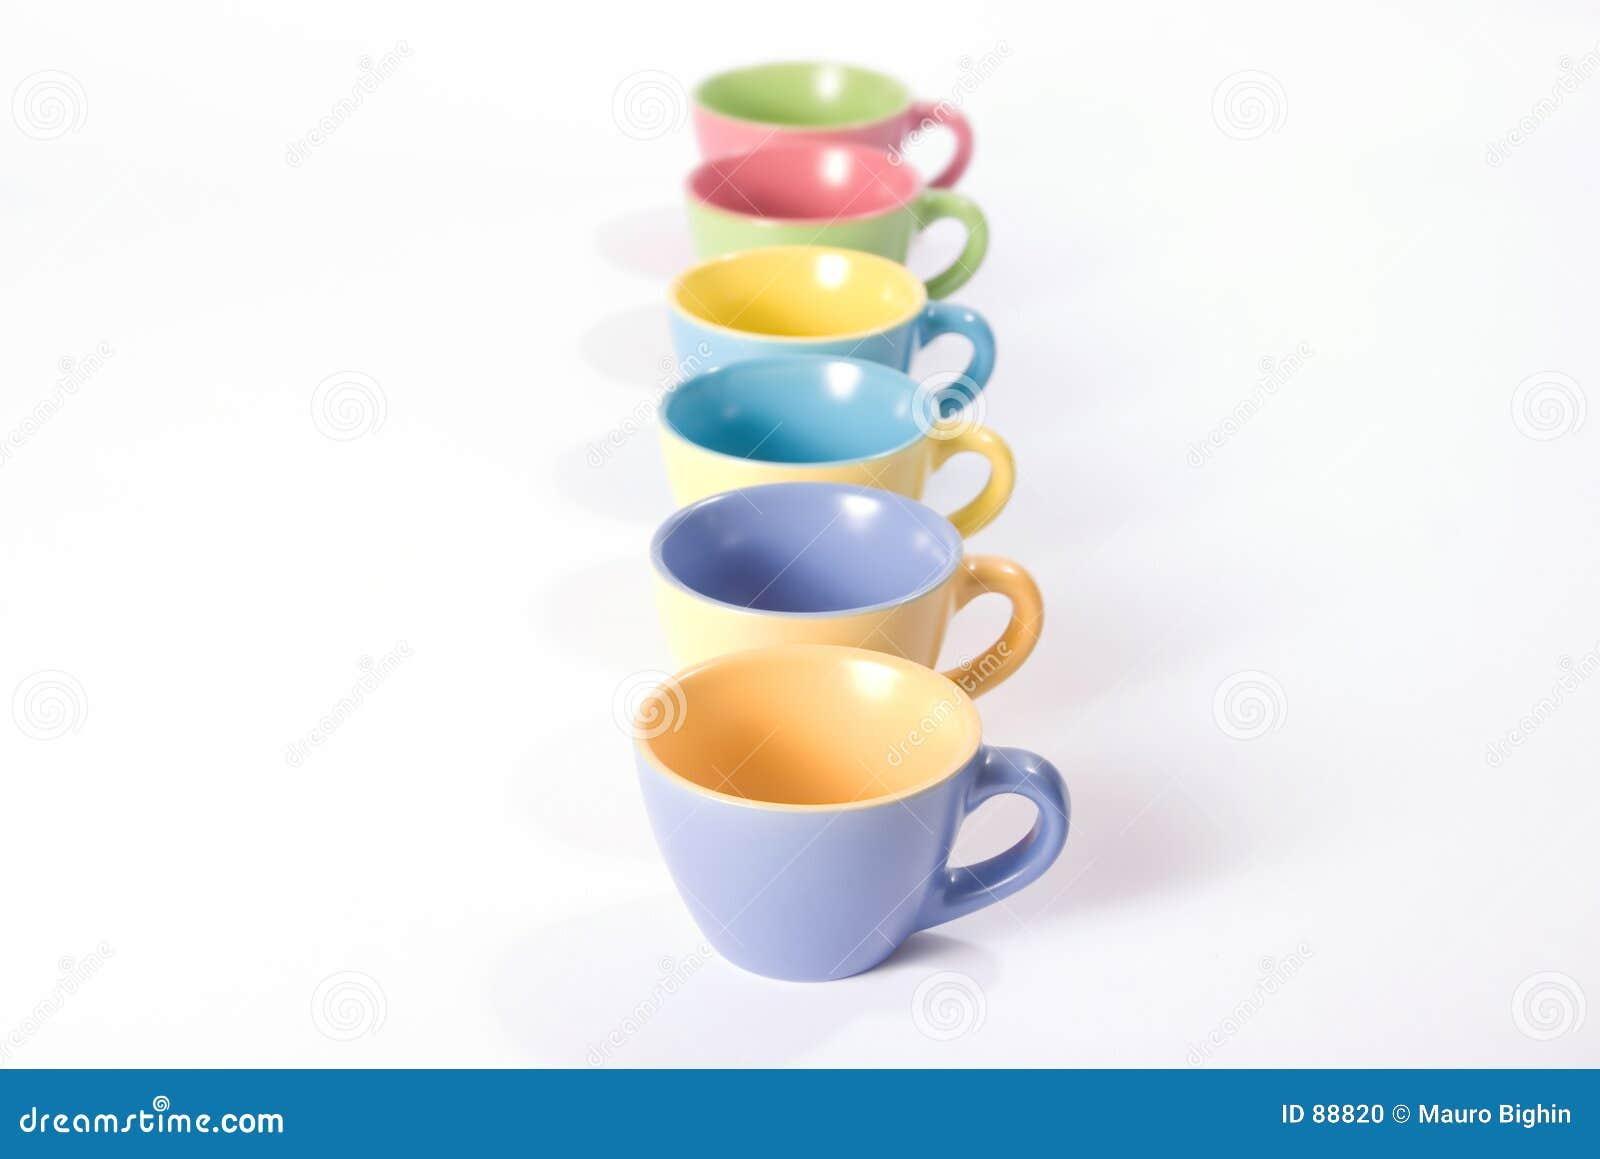 Tazze di caffè colorate in una riga